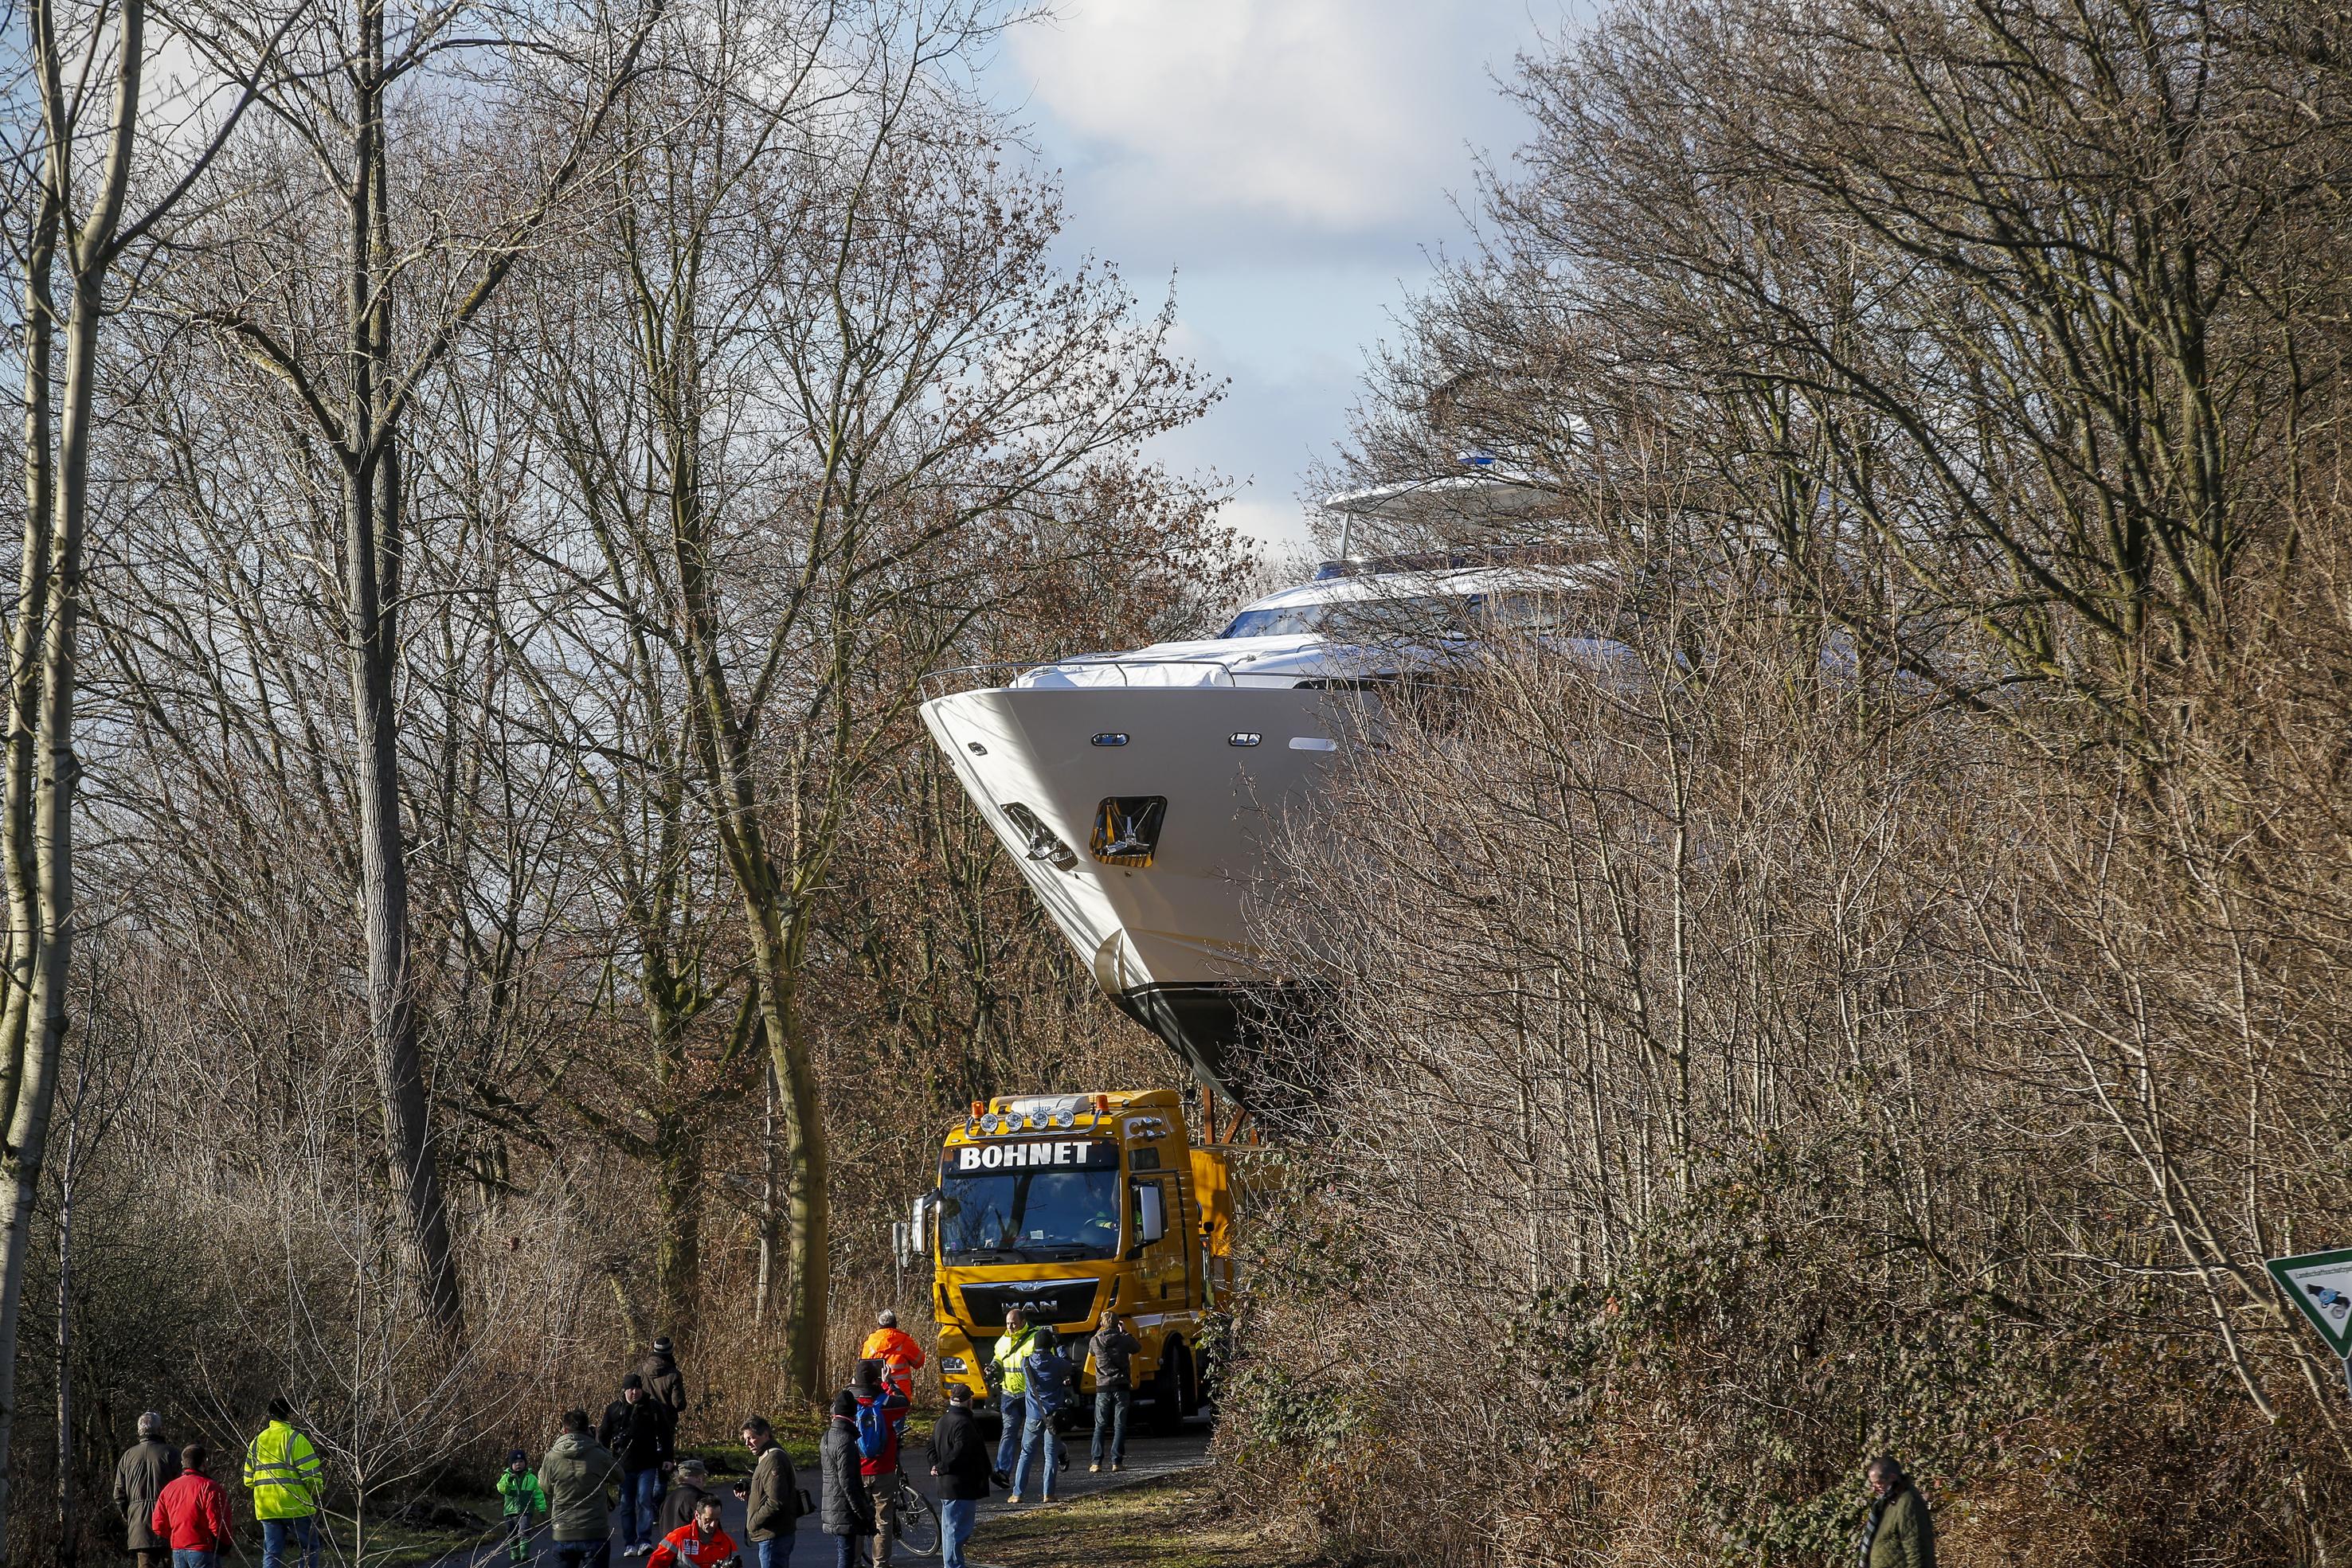 Das neue Jahr beginnt in Düsseldorf mit einem spektakulären Schiffstransport: auf einem 110 Meter langen Ponton reisen sieben Luxus-Motor- und -Segelyachten zur boot 2017. Die Schwergewichte haben vom 21. bis 29. Januar ihre temporäre Heimat in der Halle 6 und der Halle 16 und präsentieren sich dort den staunenden Besuchern. Star des Transports ist die Princess 30M (99 Fuß). Die stolze Prinzessin – auf der boot in der Halle 6/Stand B21 zu bestaunen - aus dem Vereinigten Königreich ist gleichzeitig auch die größte und mit einem Einstiegspreis von 7,4 Millionen Euro auch die teuerste Yacht, die es auf der boot zu sehen gibt. Nicht minder schön und schnittig sind die Italienerinnen aus den Azimut (Halle 6/Stand D57/D58) und Ferretti (Halle 6/Stand D27/E21) Werften. Die Azimut Magellano M66 (20,15 Meter) kostet 1,85 Millionen Euro, die Azimut 72 (22,64 Meter) wechselt für 2,75 Millionen Euro den Besitzer, die Azimut 77 S (23,6 Meter) gibt es für 3,3 Millionen Euro und der Preis für die Ferretti 700 Yachts (21,58 Meter) liegt bei 2,43 Millionen Euro. Hinzu kommt mit der Monte Carlo 70 (21,3 Meter) für über 3 Millionen Euro ein französisch/italienisches Schmuckstück (Halle 6/Stand B27). Ebenfalls an Bord ist die britische Oyster 675 (21,07 Meter). Das klassisch-schöne Segelschiff (Halle 16/Stand C58) kostet 2,48 Millionen britische Pfund (umgerechnet ca. 2,92 Millionen Euro). Die Schiffe traten ihre Reise über den Rhein am 2. Januar im niederländischen Rotterdam an. Für die nötige Antriebskraft sorgte Schubschiff Catherina 4, dass das Ponton mit einer maximalen Schubkraft von 4,7 Knoten (8,7 kmh) in etwas mehr als drei Tagen zum Düsseldorfer Messeanleger transportierte. Am frühen Donnerstagmorgen erreichte es mit seiner wertvollen Fracht sein Ziel. Dort waren die erfahrenen Transporteure des Logistikunternehmens Kühne und Nagel schnell zur Stelle und bauten eine Transportbrücke von der Düsseldorfer Messerampe zum Ponton.  Über eine Seilwinde wurden die Schiffe einzeln auf